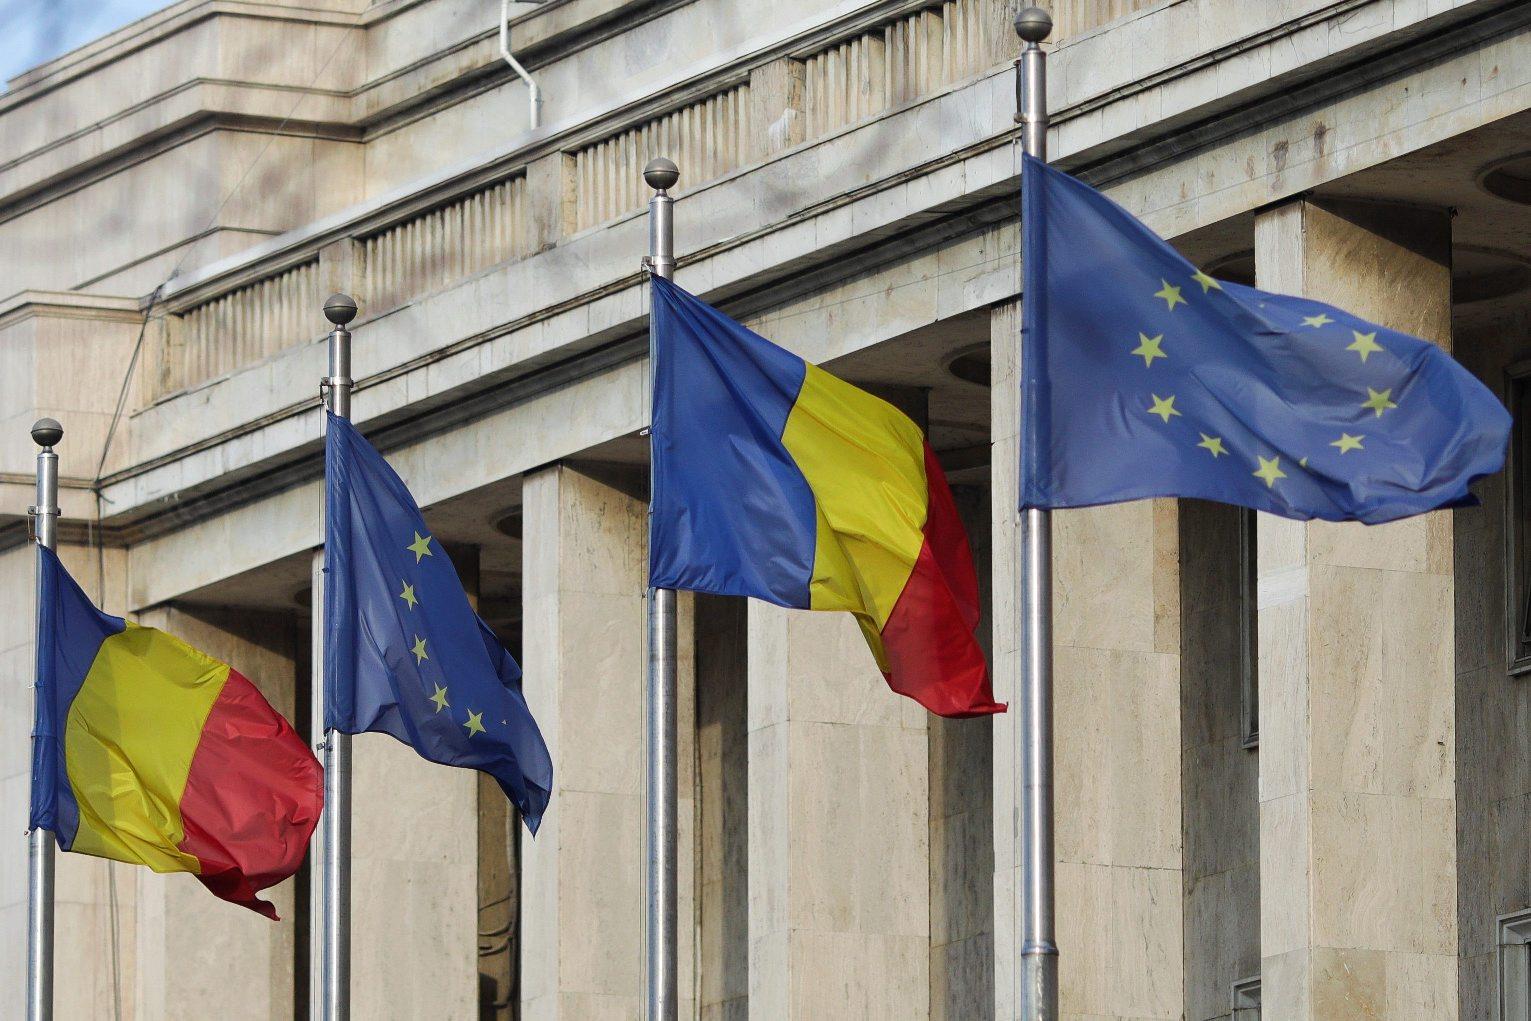 Rumunjska i EU zastava ispred sjedišta rumunjske vlade u Bukureštu